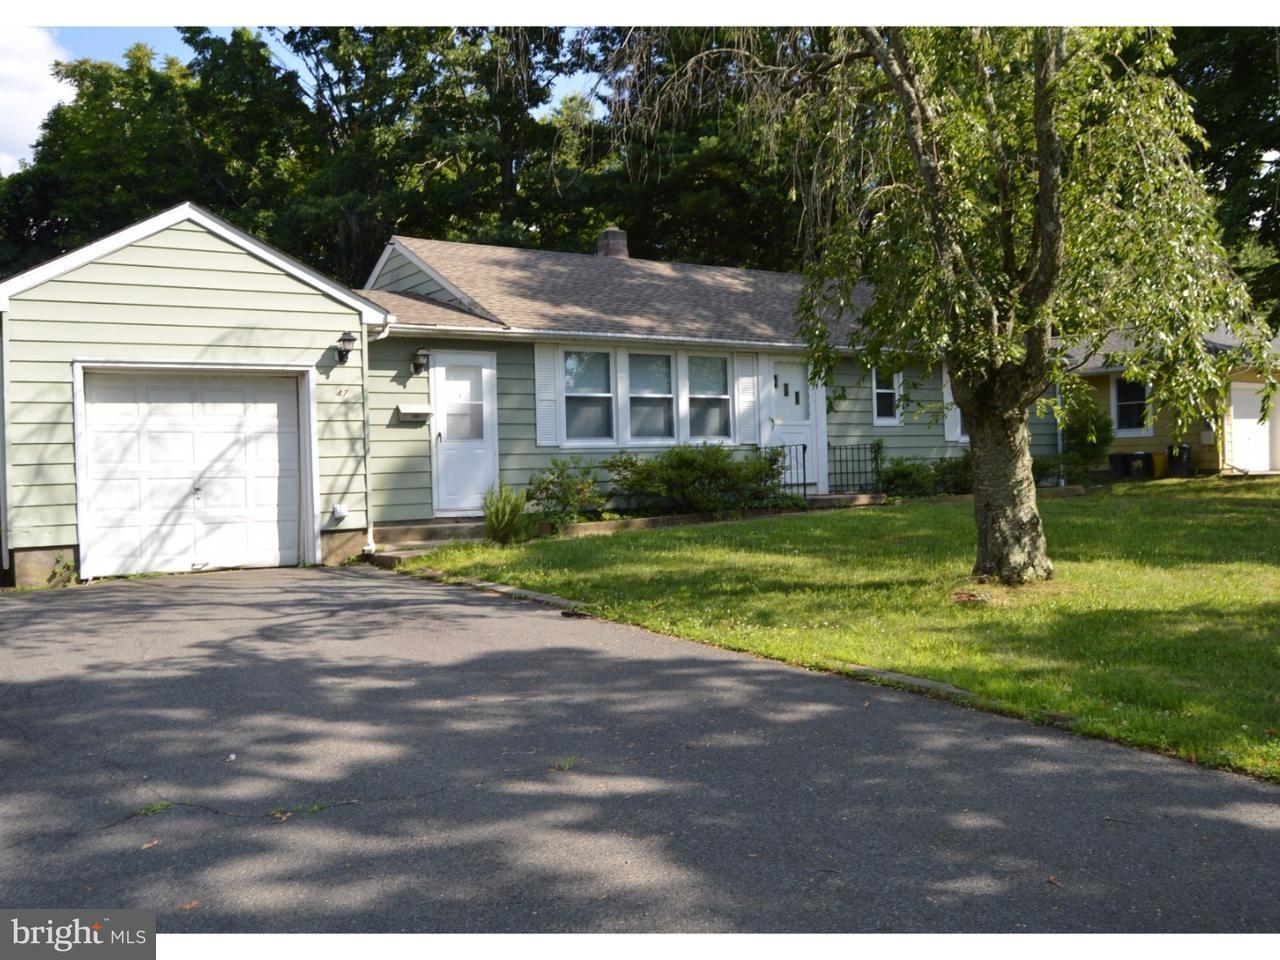 Частный односемейный дом для того Аренда на 47 WALLACE Road Princeton Junction, Нью-Джерси 08550 Соединенные ШтатыВ/Около: W Windsor Township